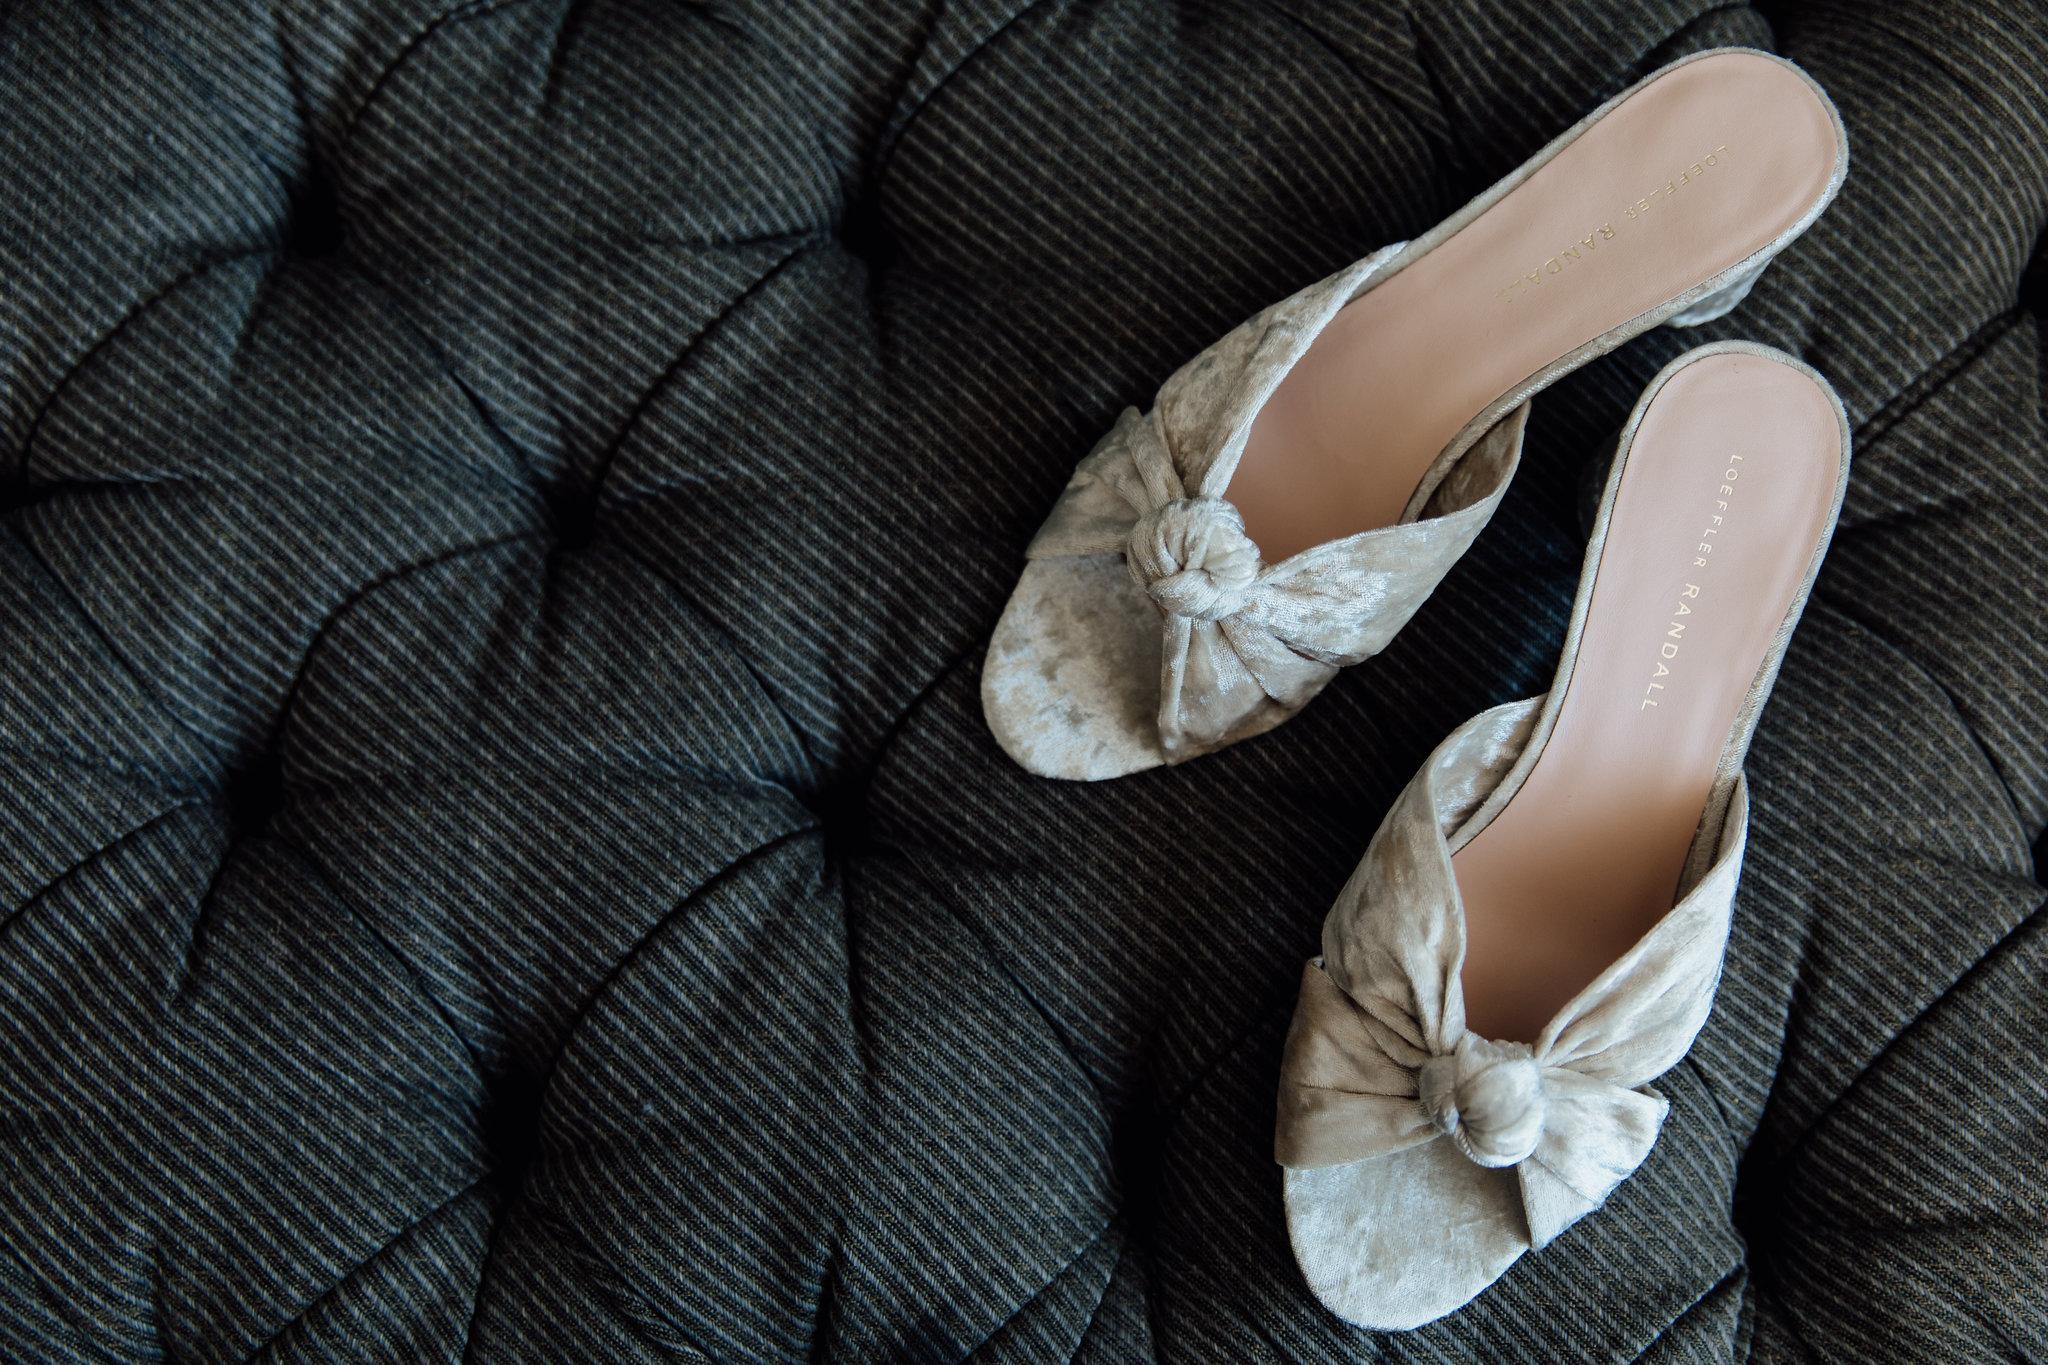 carondelet-los-angeles-wedding-marble-rye-photography-firstlook-details-005.jpg